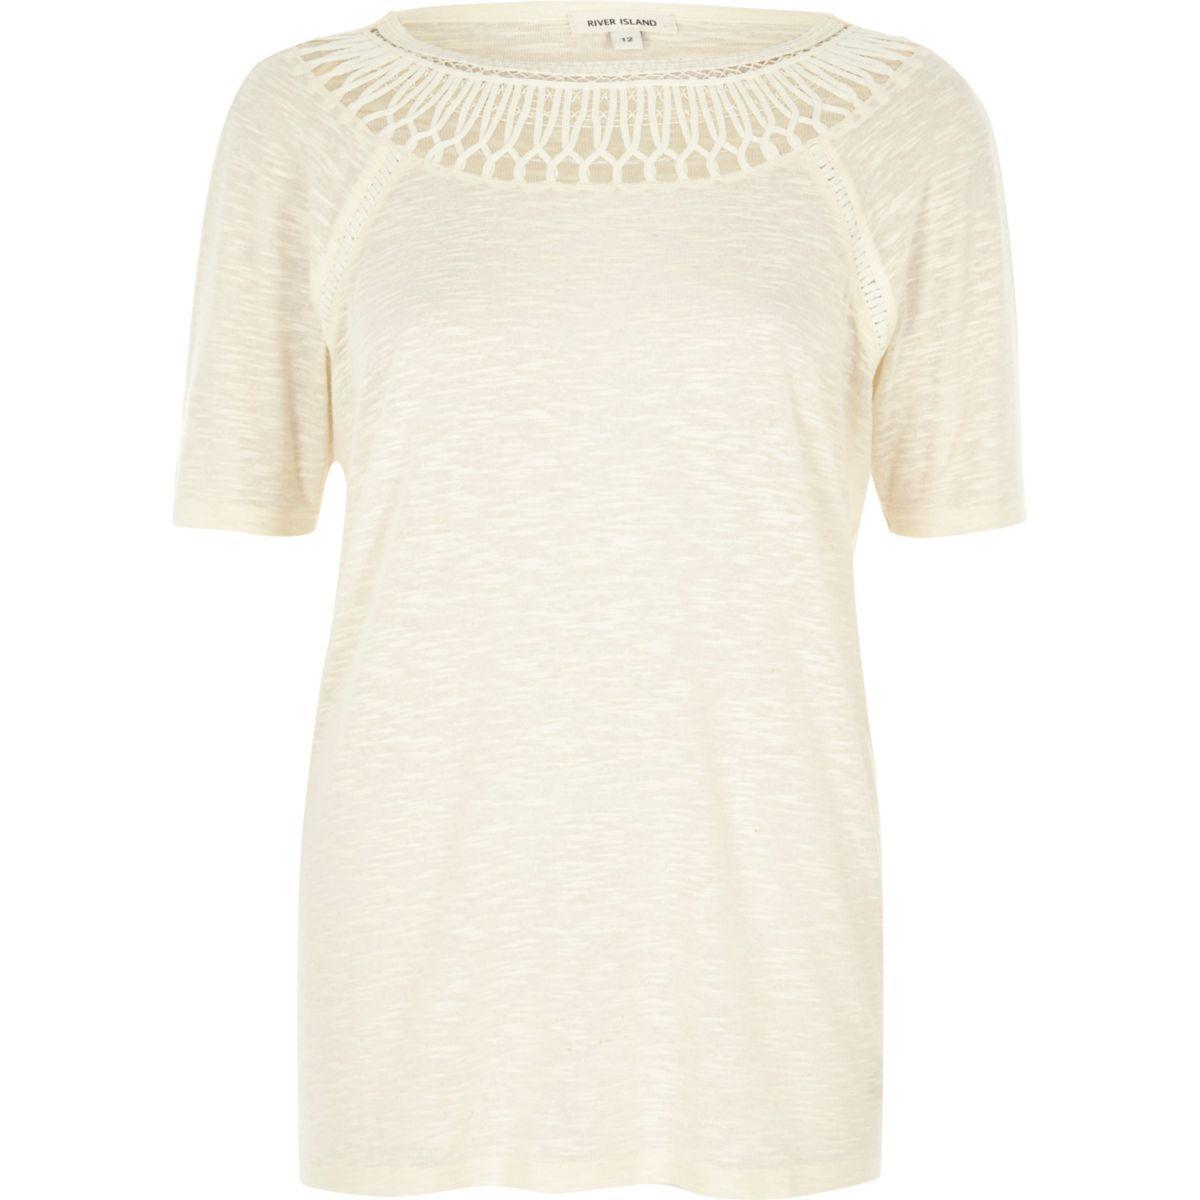 Beige crochet neck T-shirt